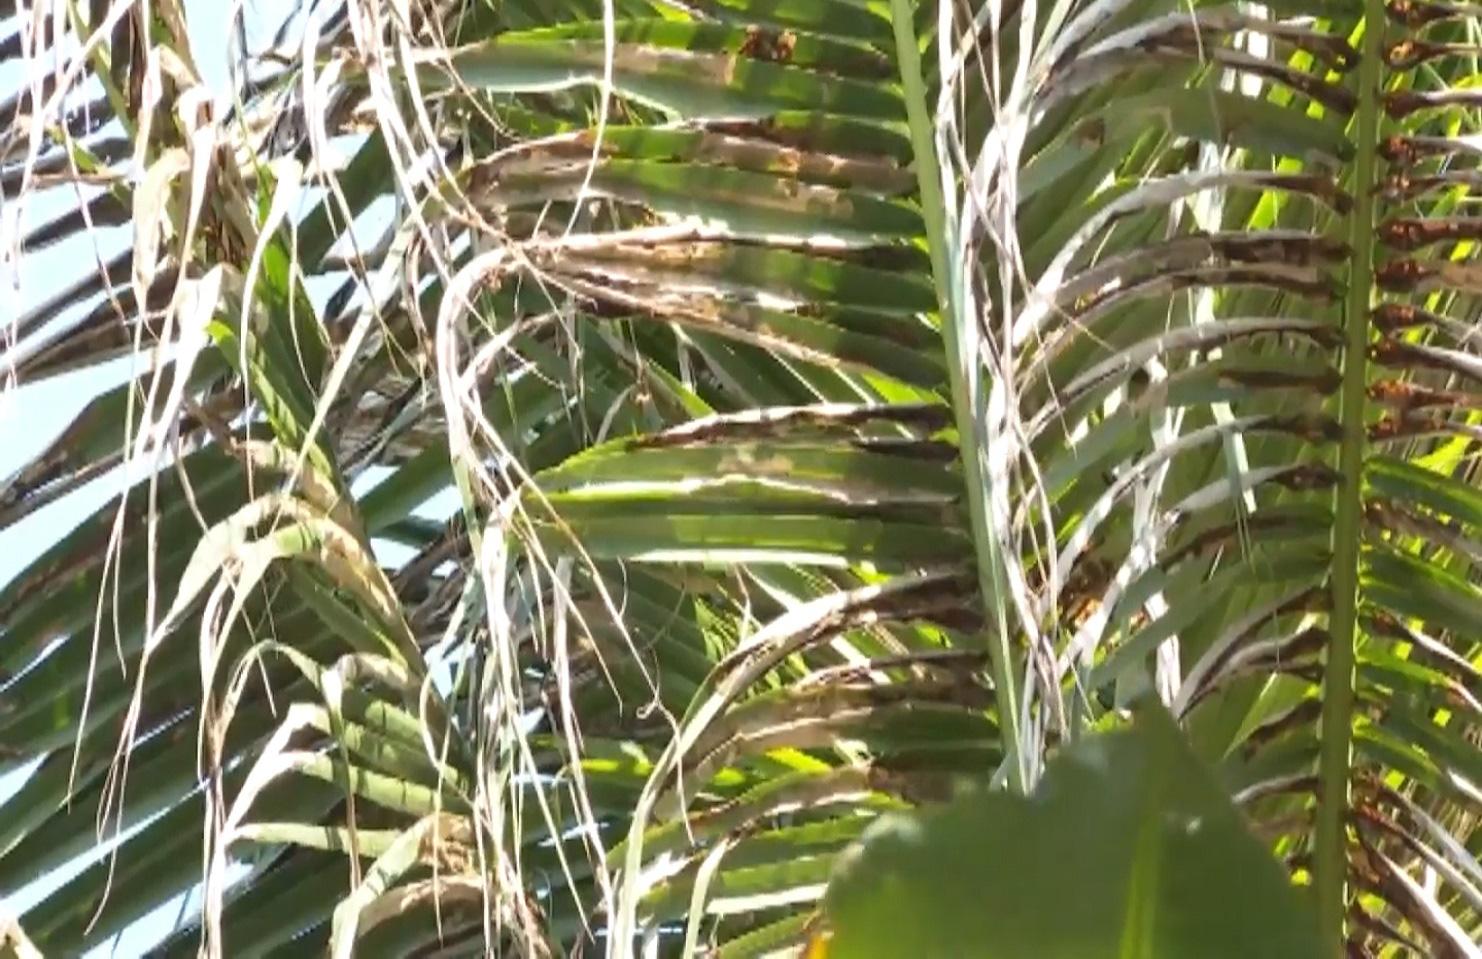 Bến Tre: Sâu đầu đen bùng phát gây hại trên cây dừa, nhiều bà con mất nguồn thu nhập - Ảnh 6.